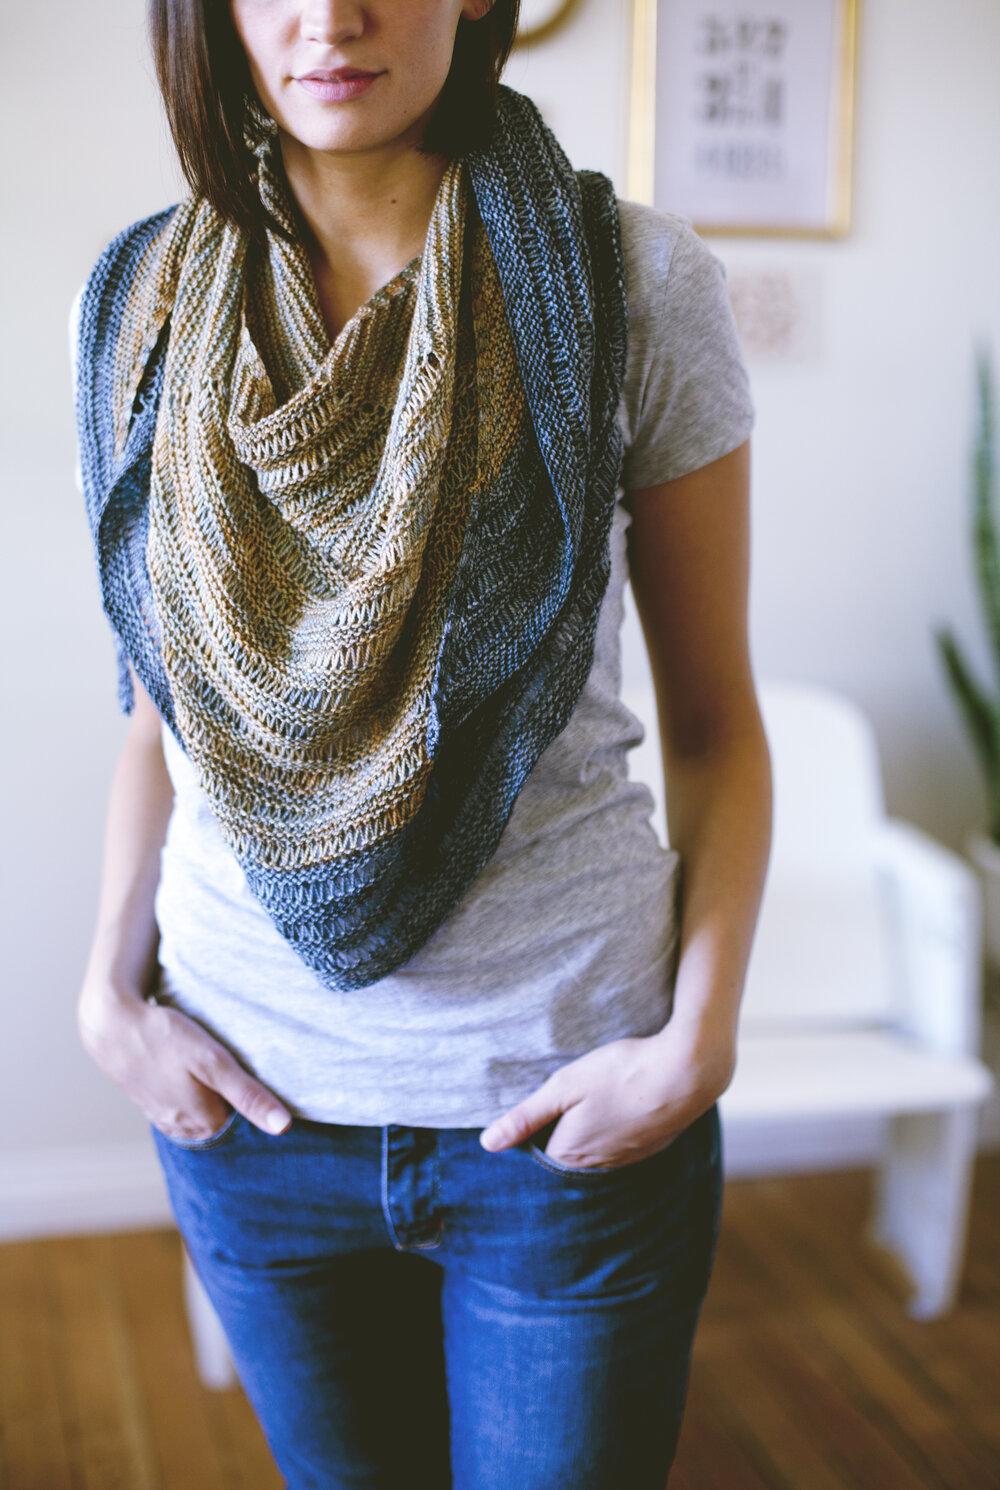 Laylow Shawl PDF Knitting Pattern — VERY SHANNON